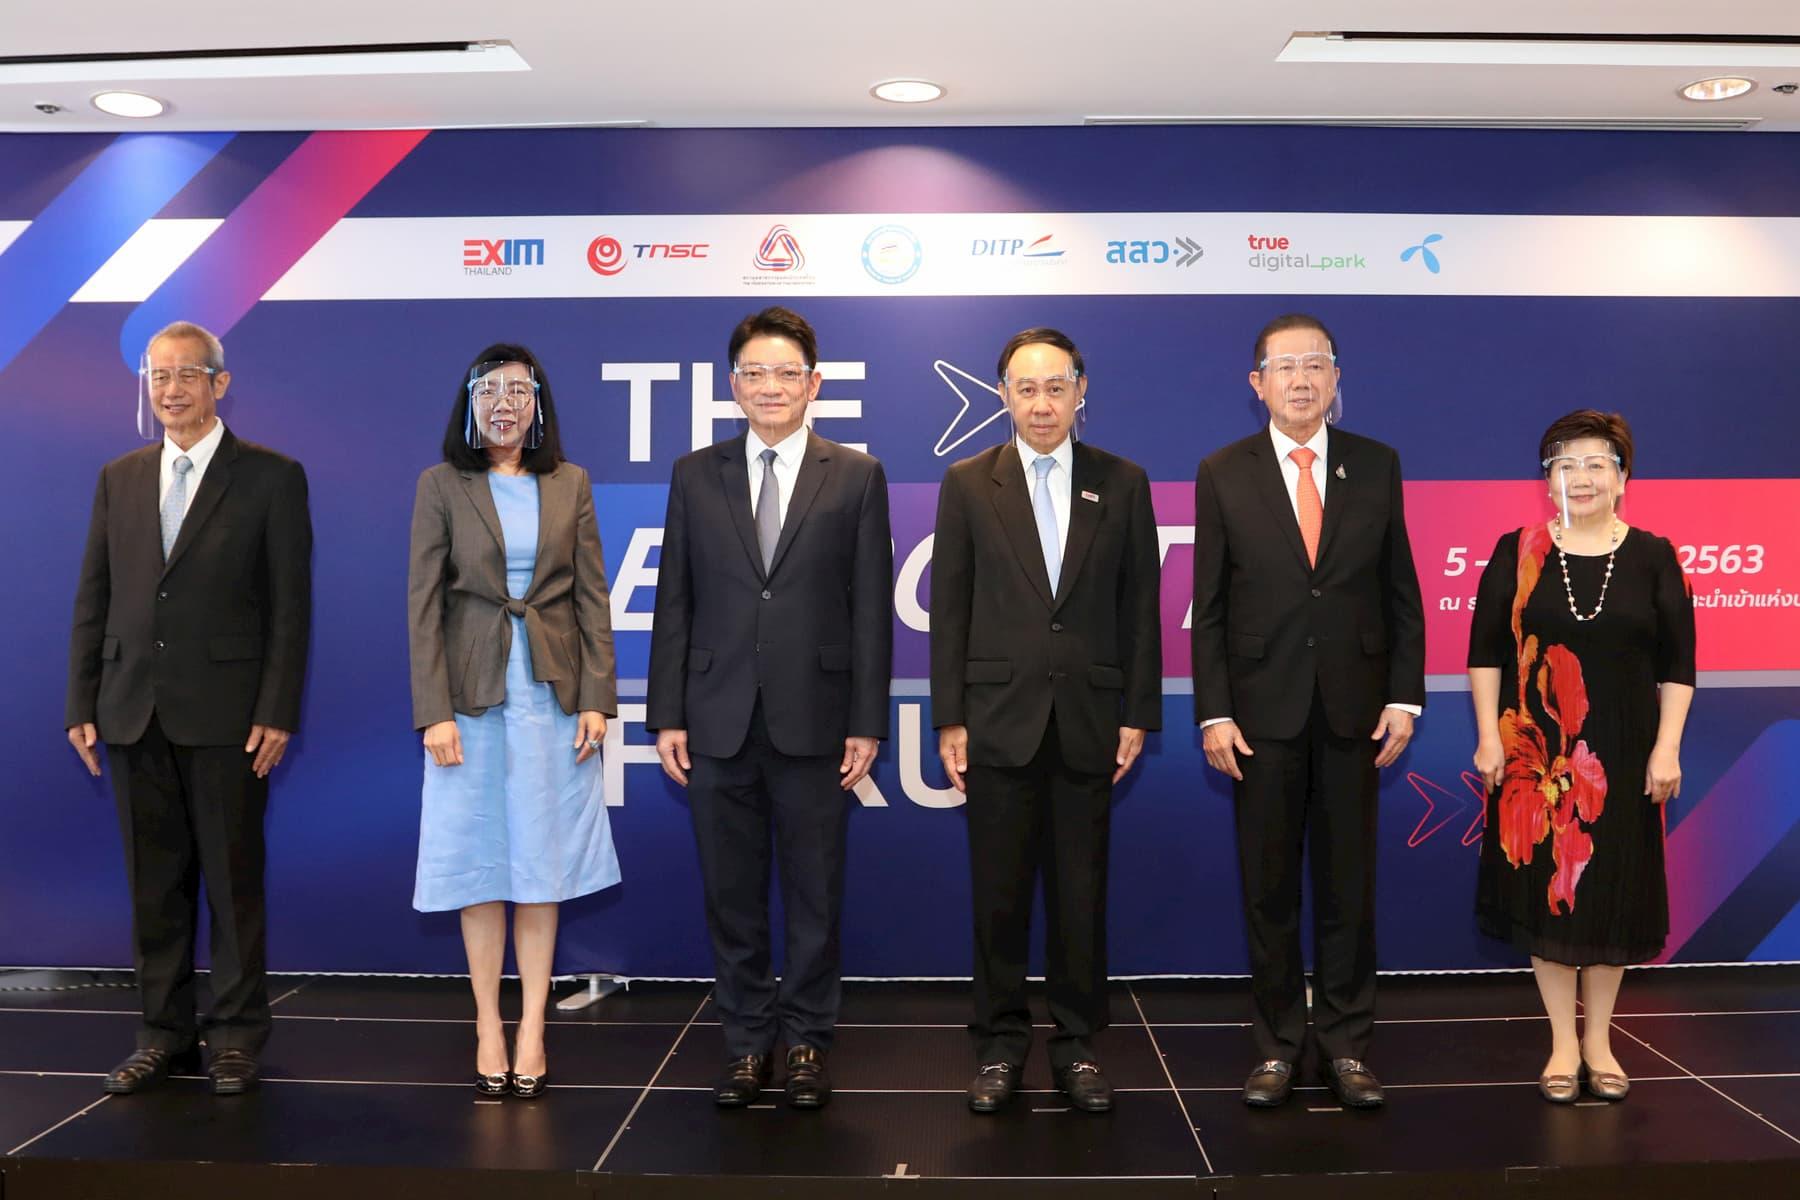 THE EXPORTER FORUM ยกระดับขีดความสามารถในการแข่งขันของผู้ส่งออกไทย.